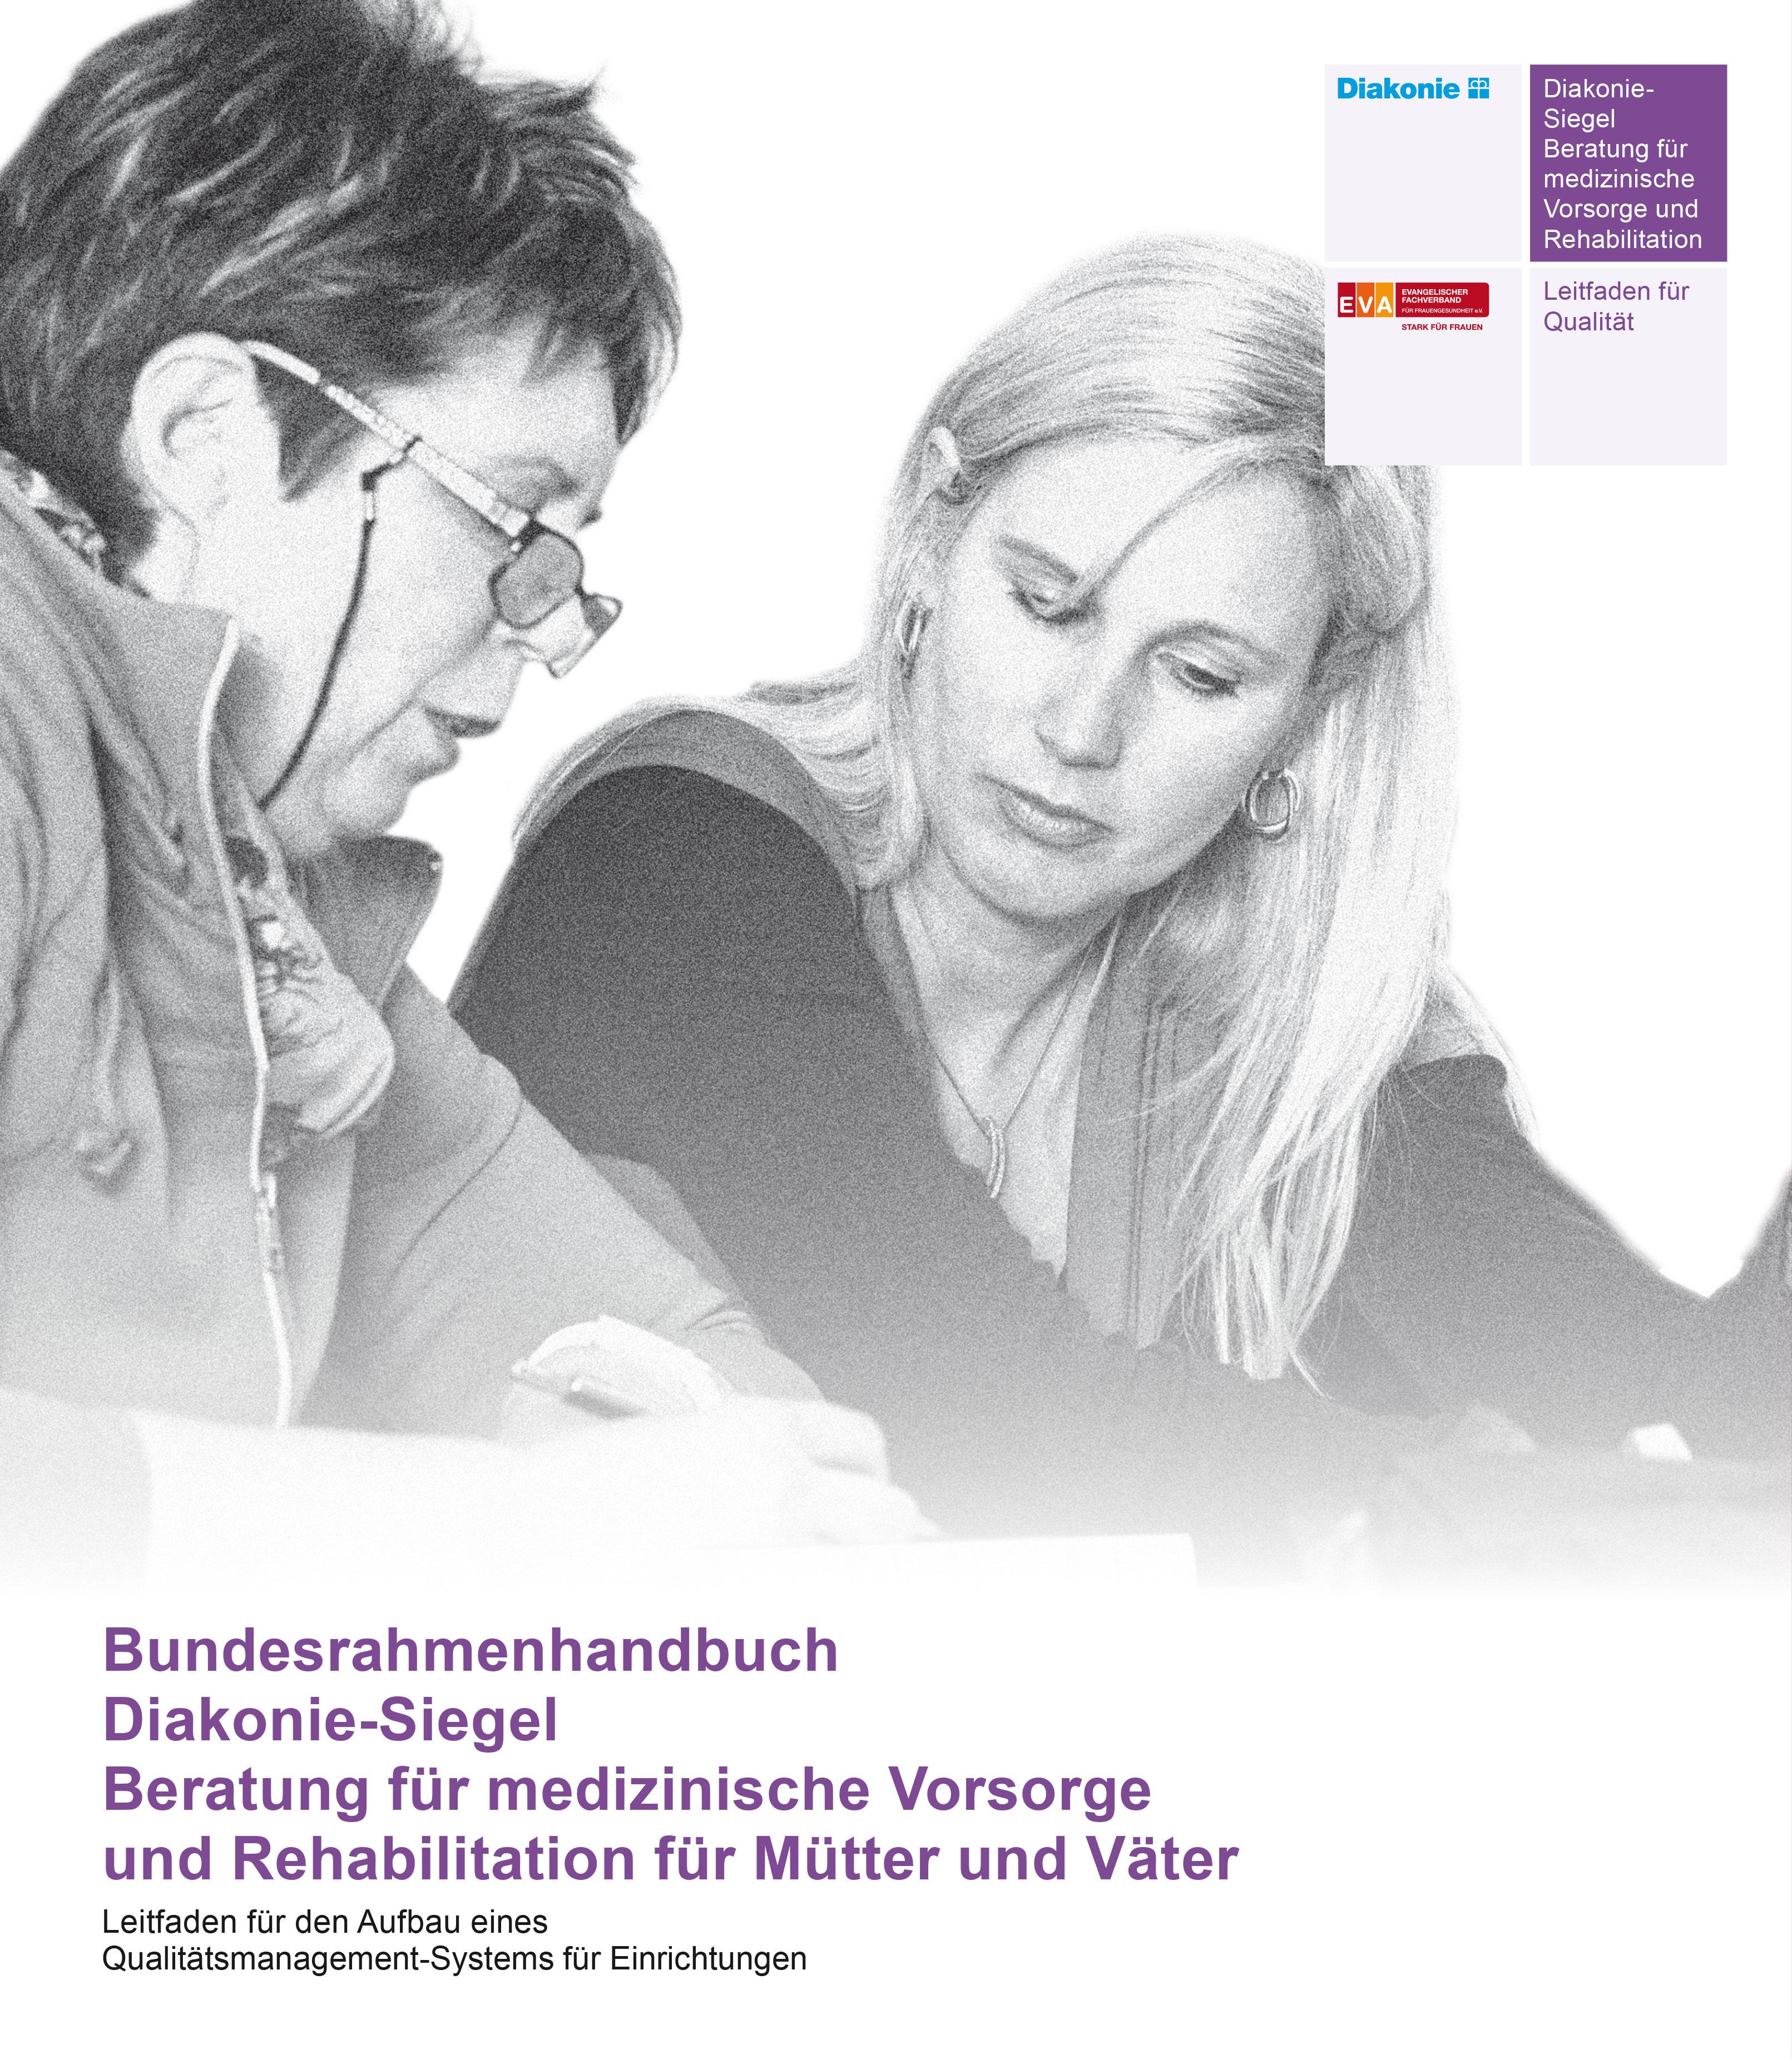 Bundesrahmenhandbuch Diakonie-Siegel Beratung für medizinische Vorsorge und Rehabilitation für Mütter und Väter